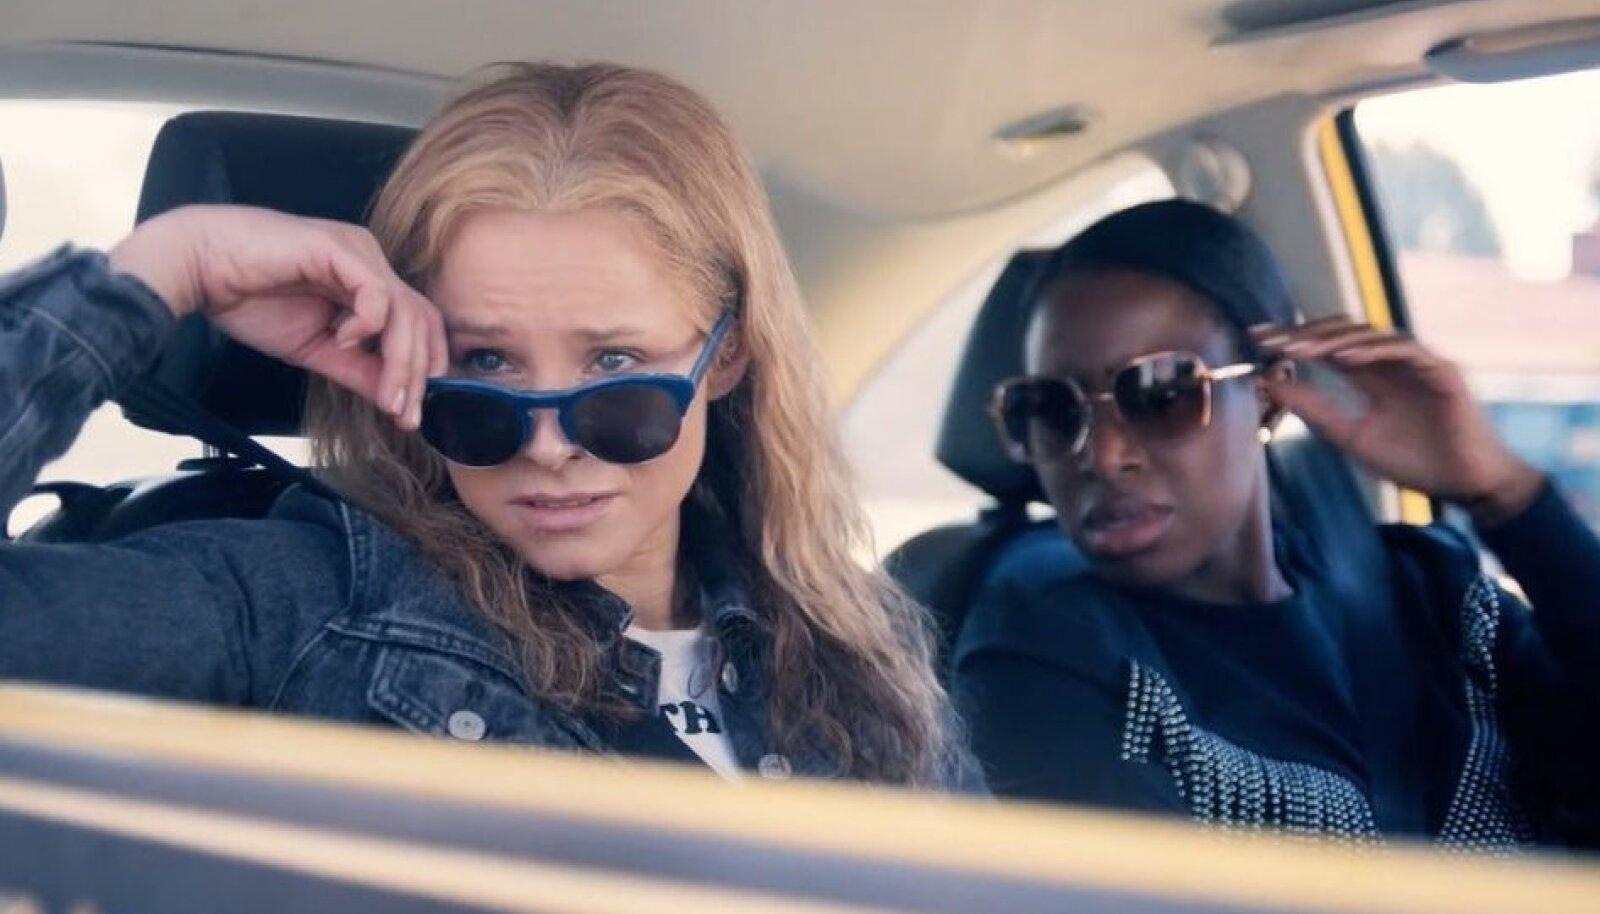 KUPONGIDE KUNINGANNAD: Film räägib kahest ettevõtlikust Ameerika naisest, kes panid aluse kolossaalsele kupongide petuskeemile - (vasakult) Connie (Kristen Bell) ja JoJo (Kirby Howell-Baptiste).